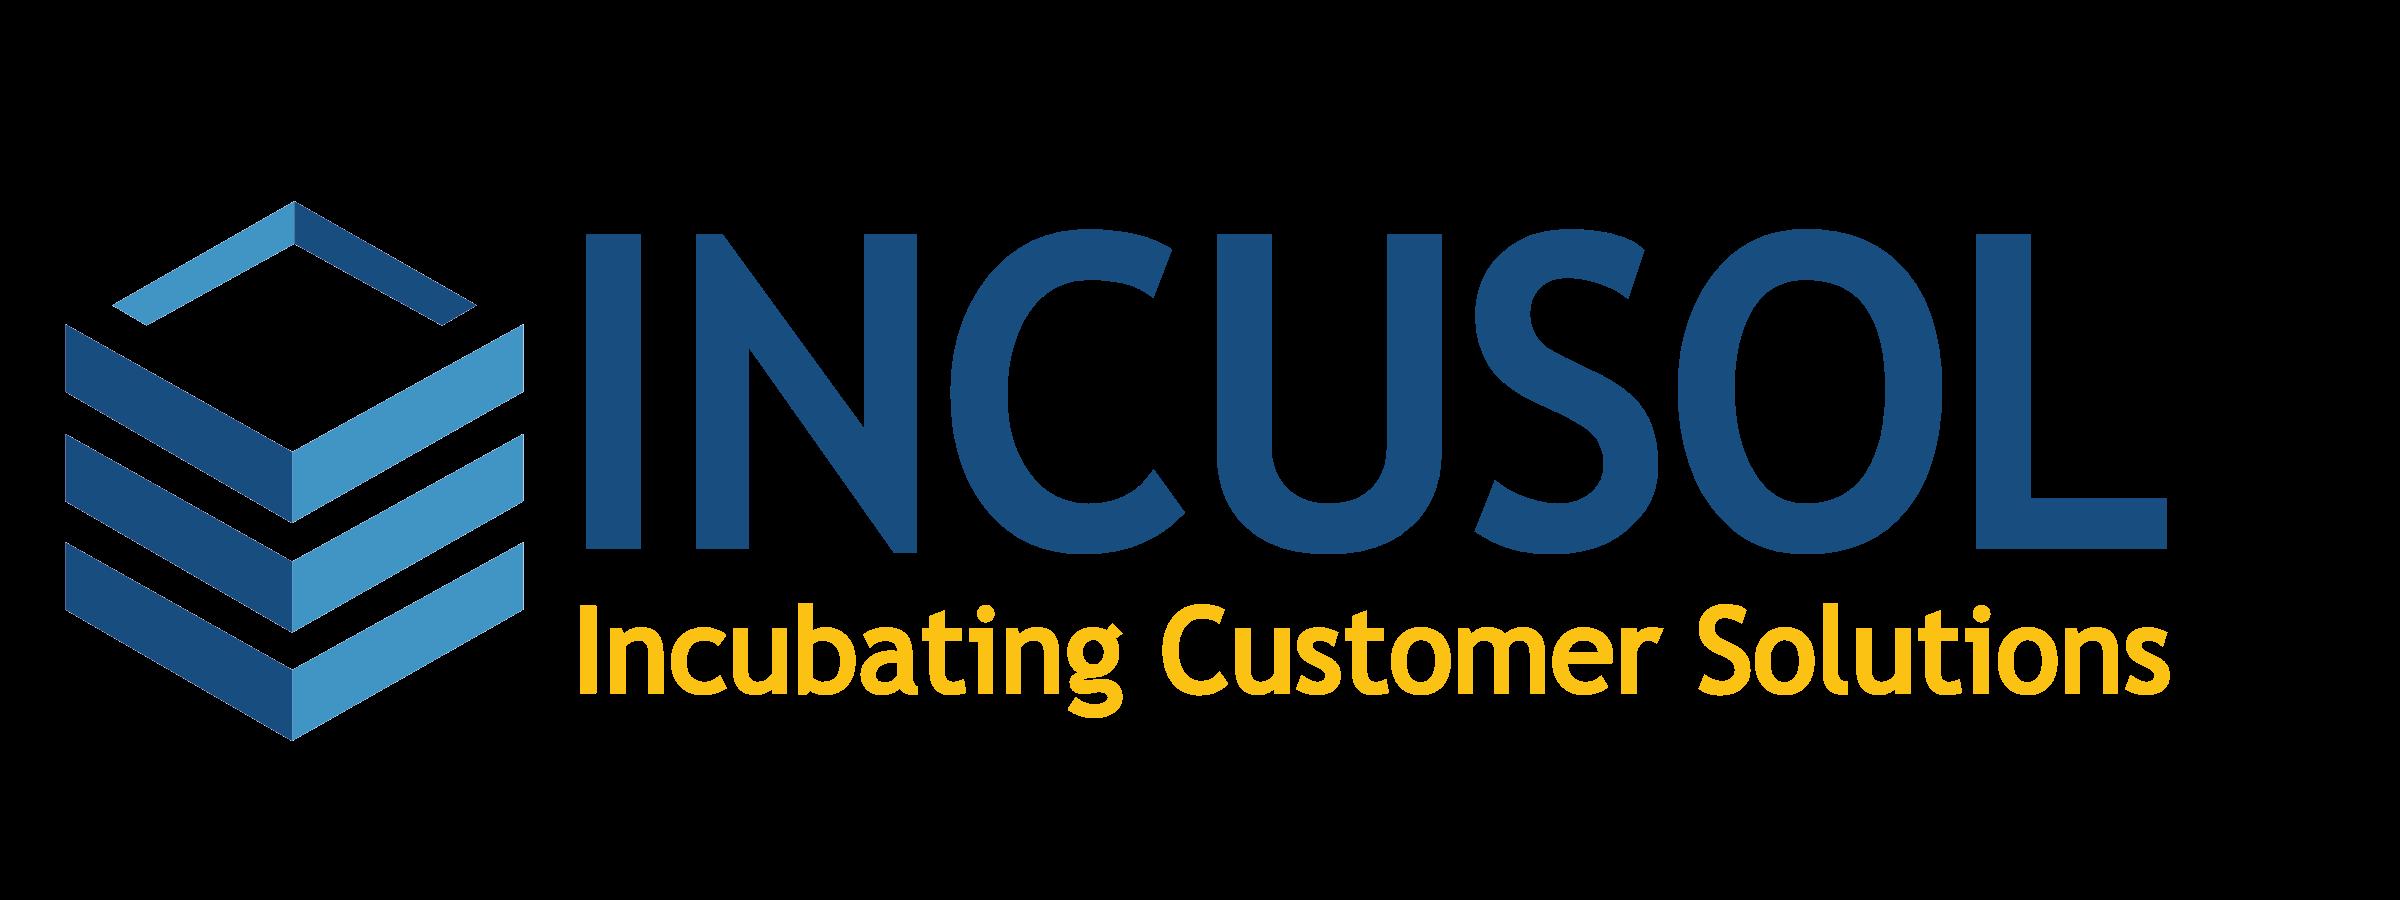 Incusol Inc